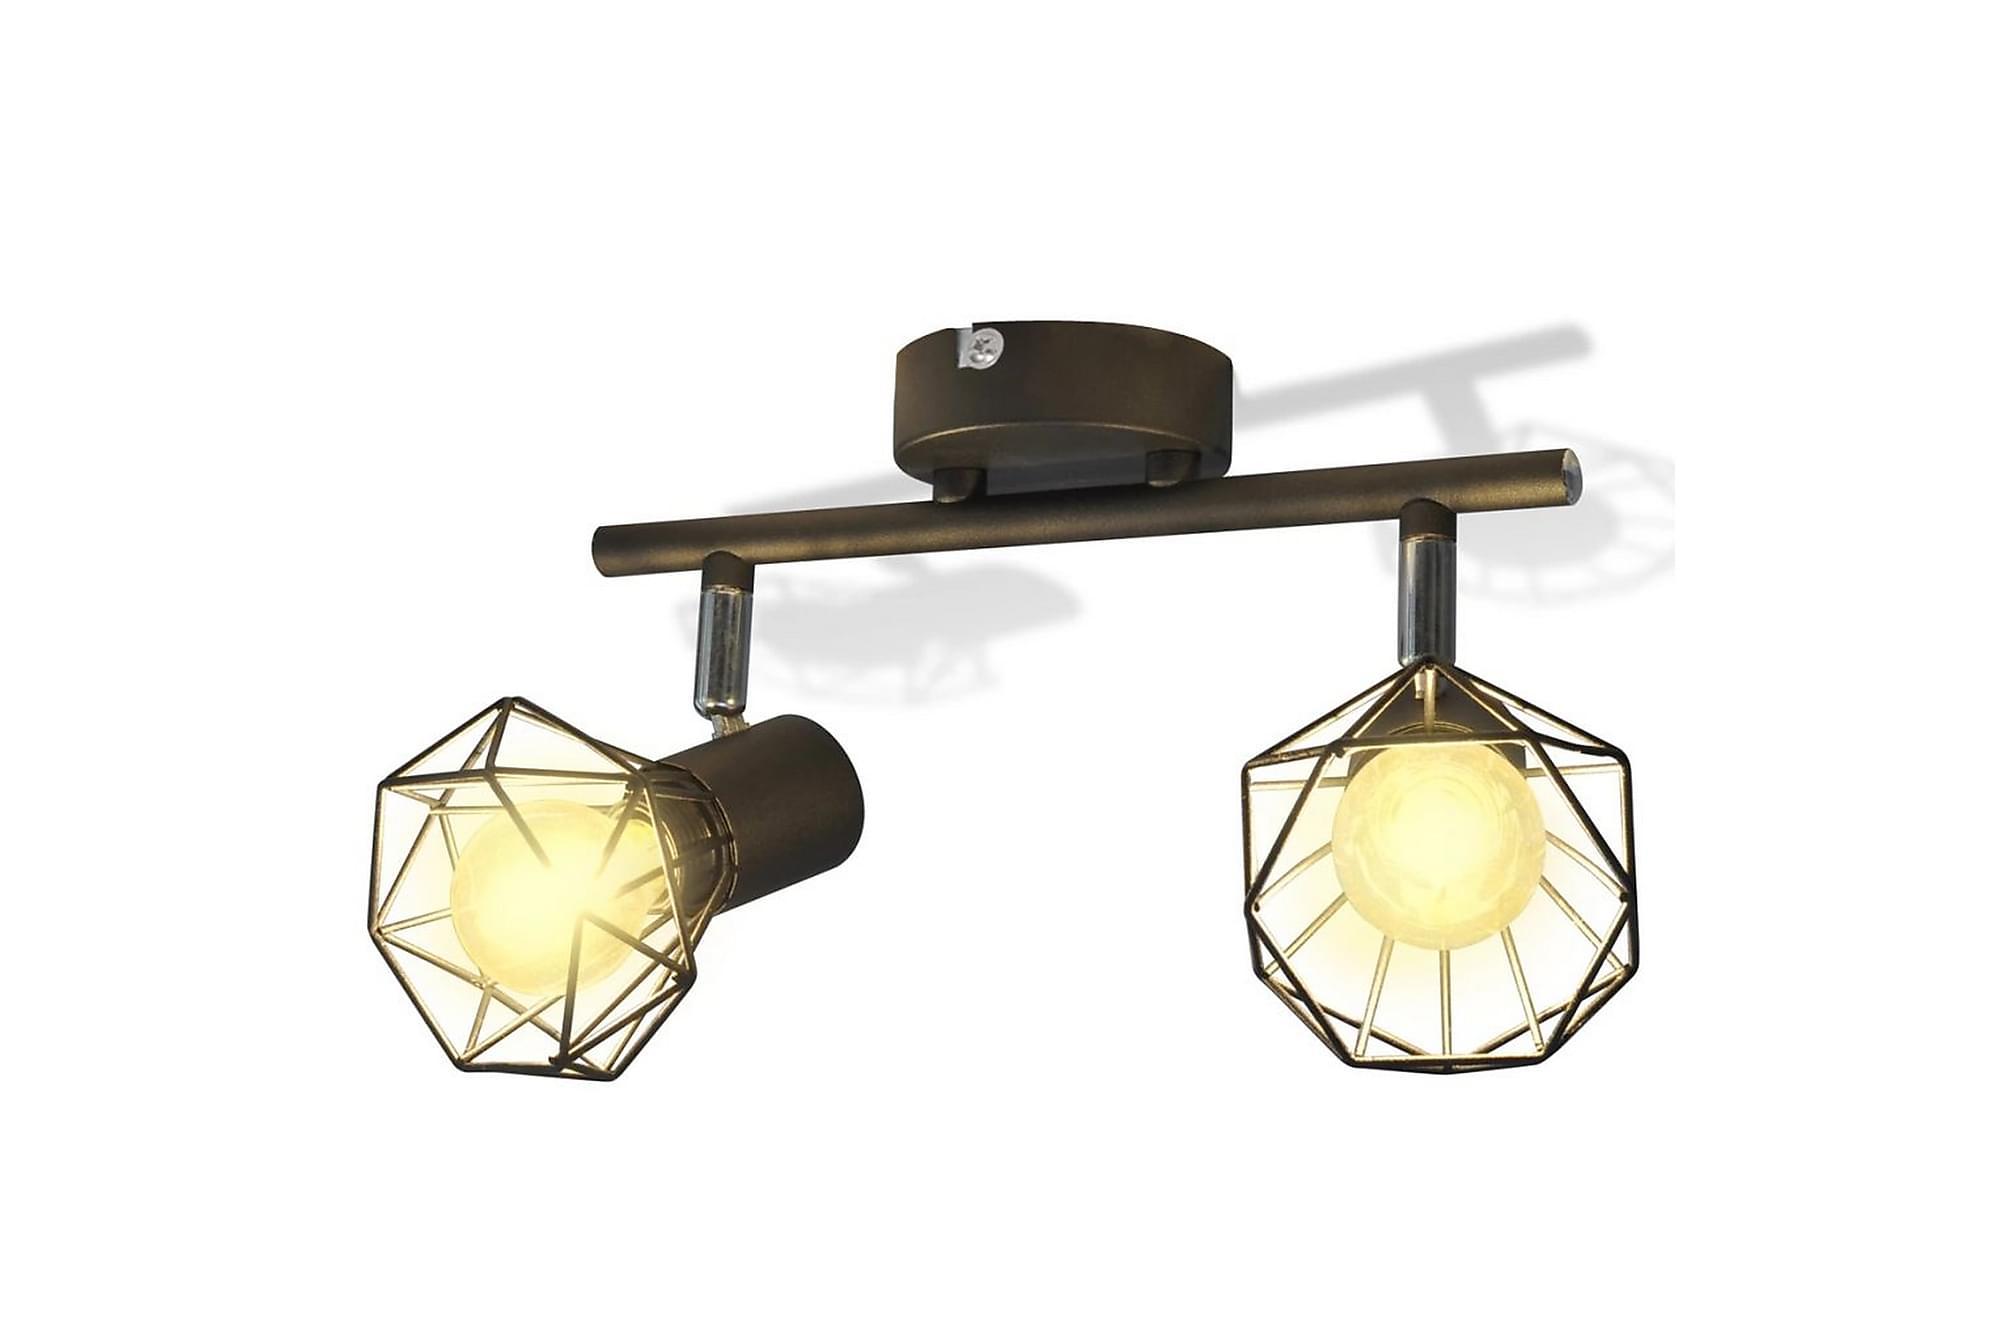 Taklampa industri-design spotlights m. 2 LED-glödlampor, Taklampor